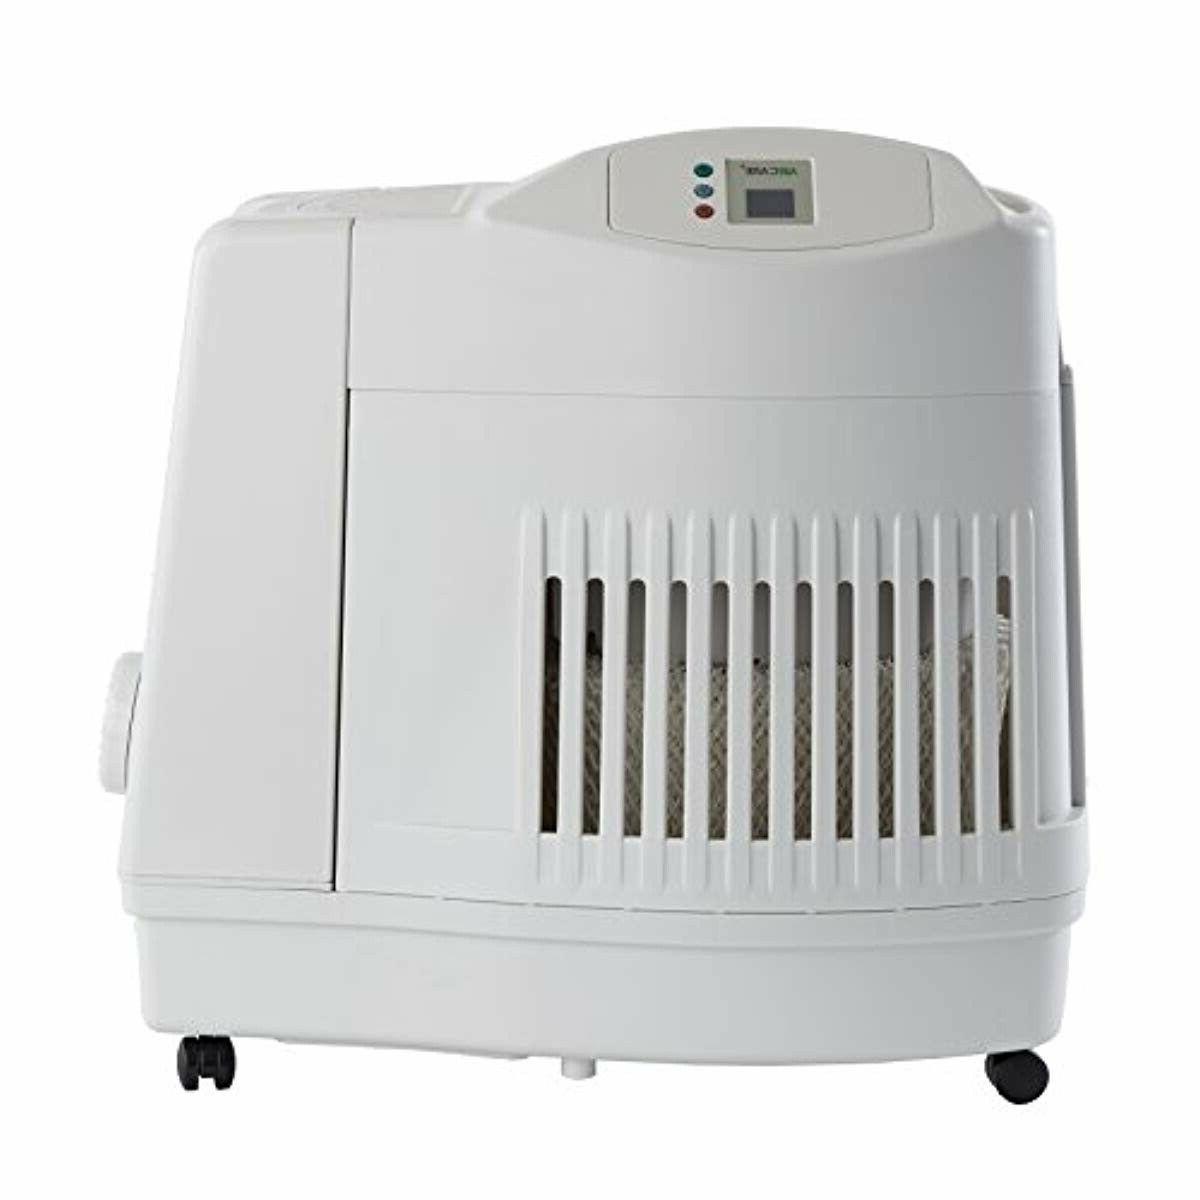 ma1201 whole house console style evaporative humidifier